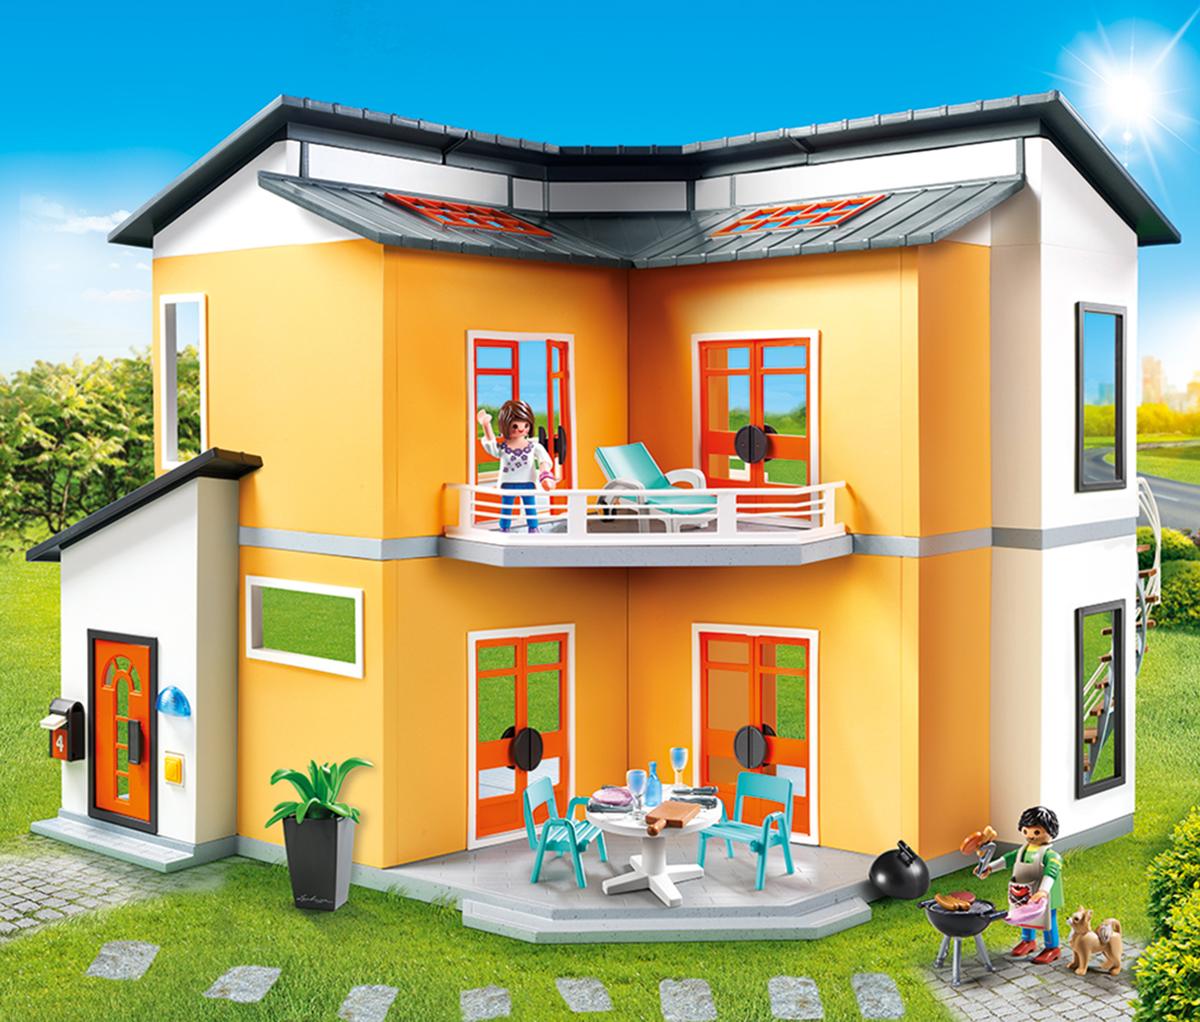 Фото - Playmobil Игровой набор Кукольный дом Современный дом playmobil кукольный дом детская комната с люлькой 5304